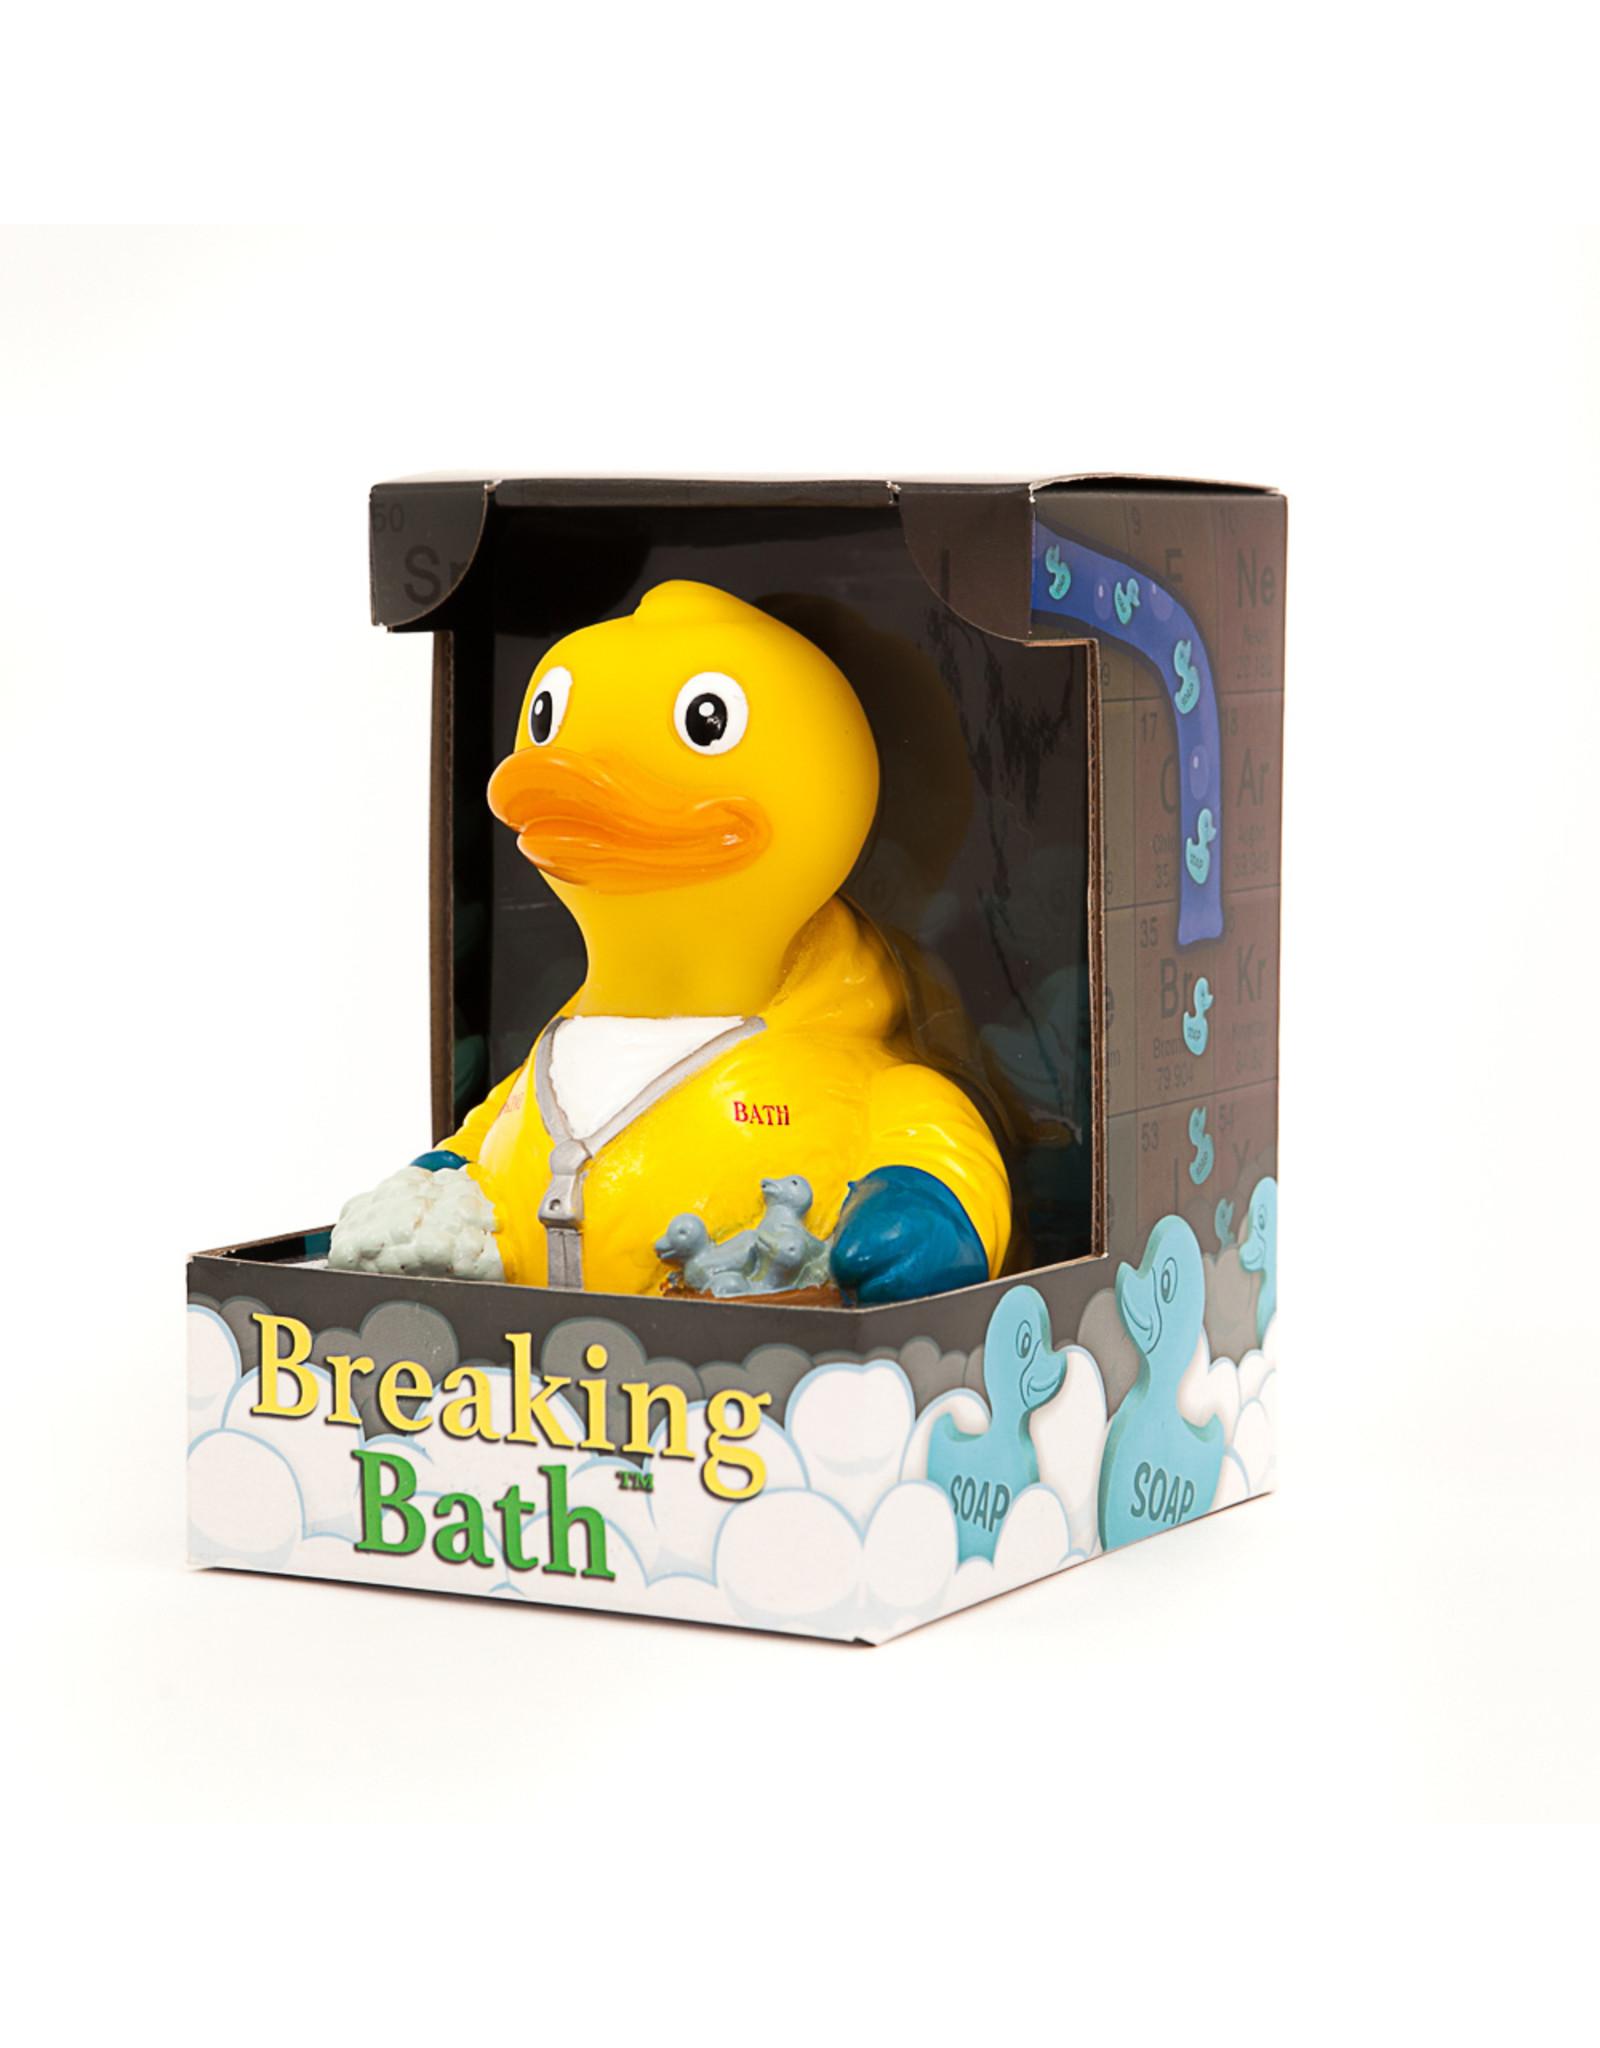 Breaking Bath Rubber Duck